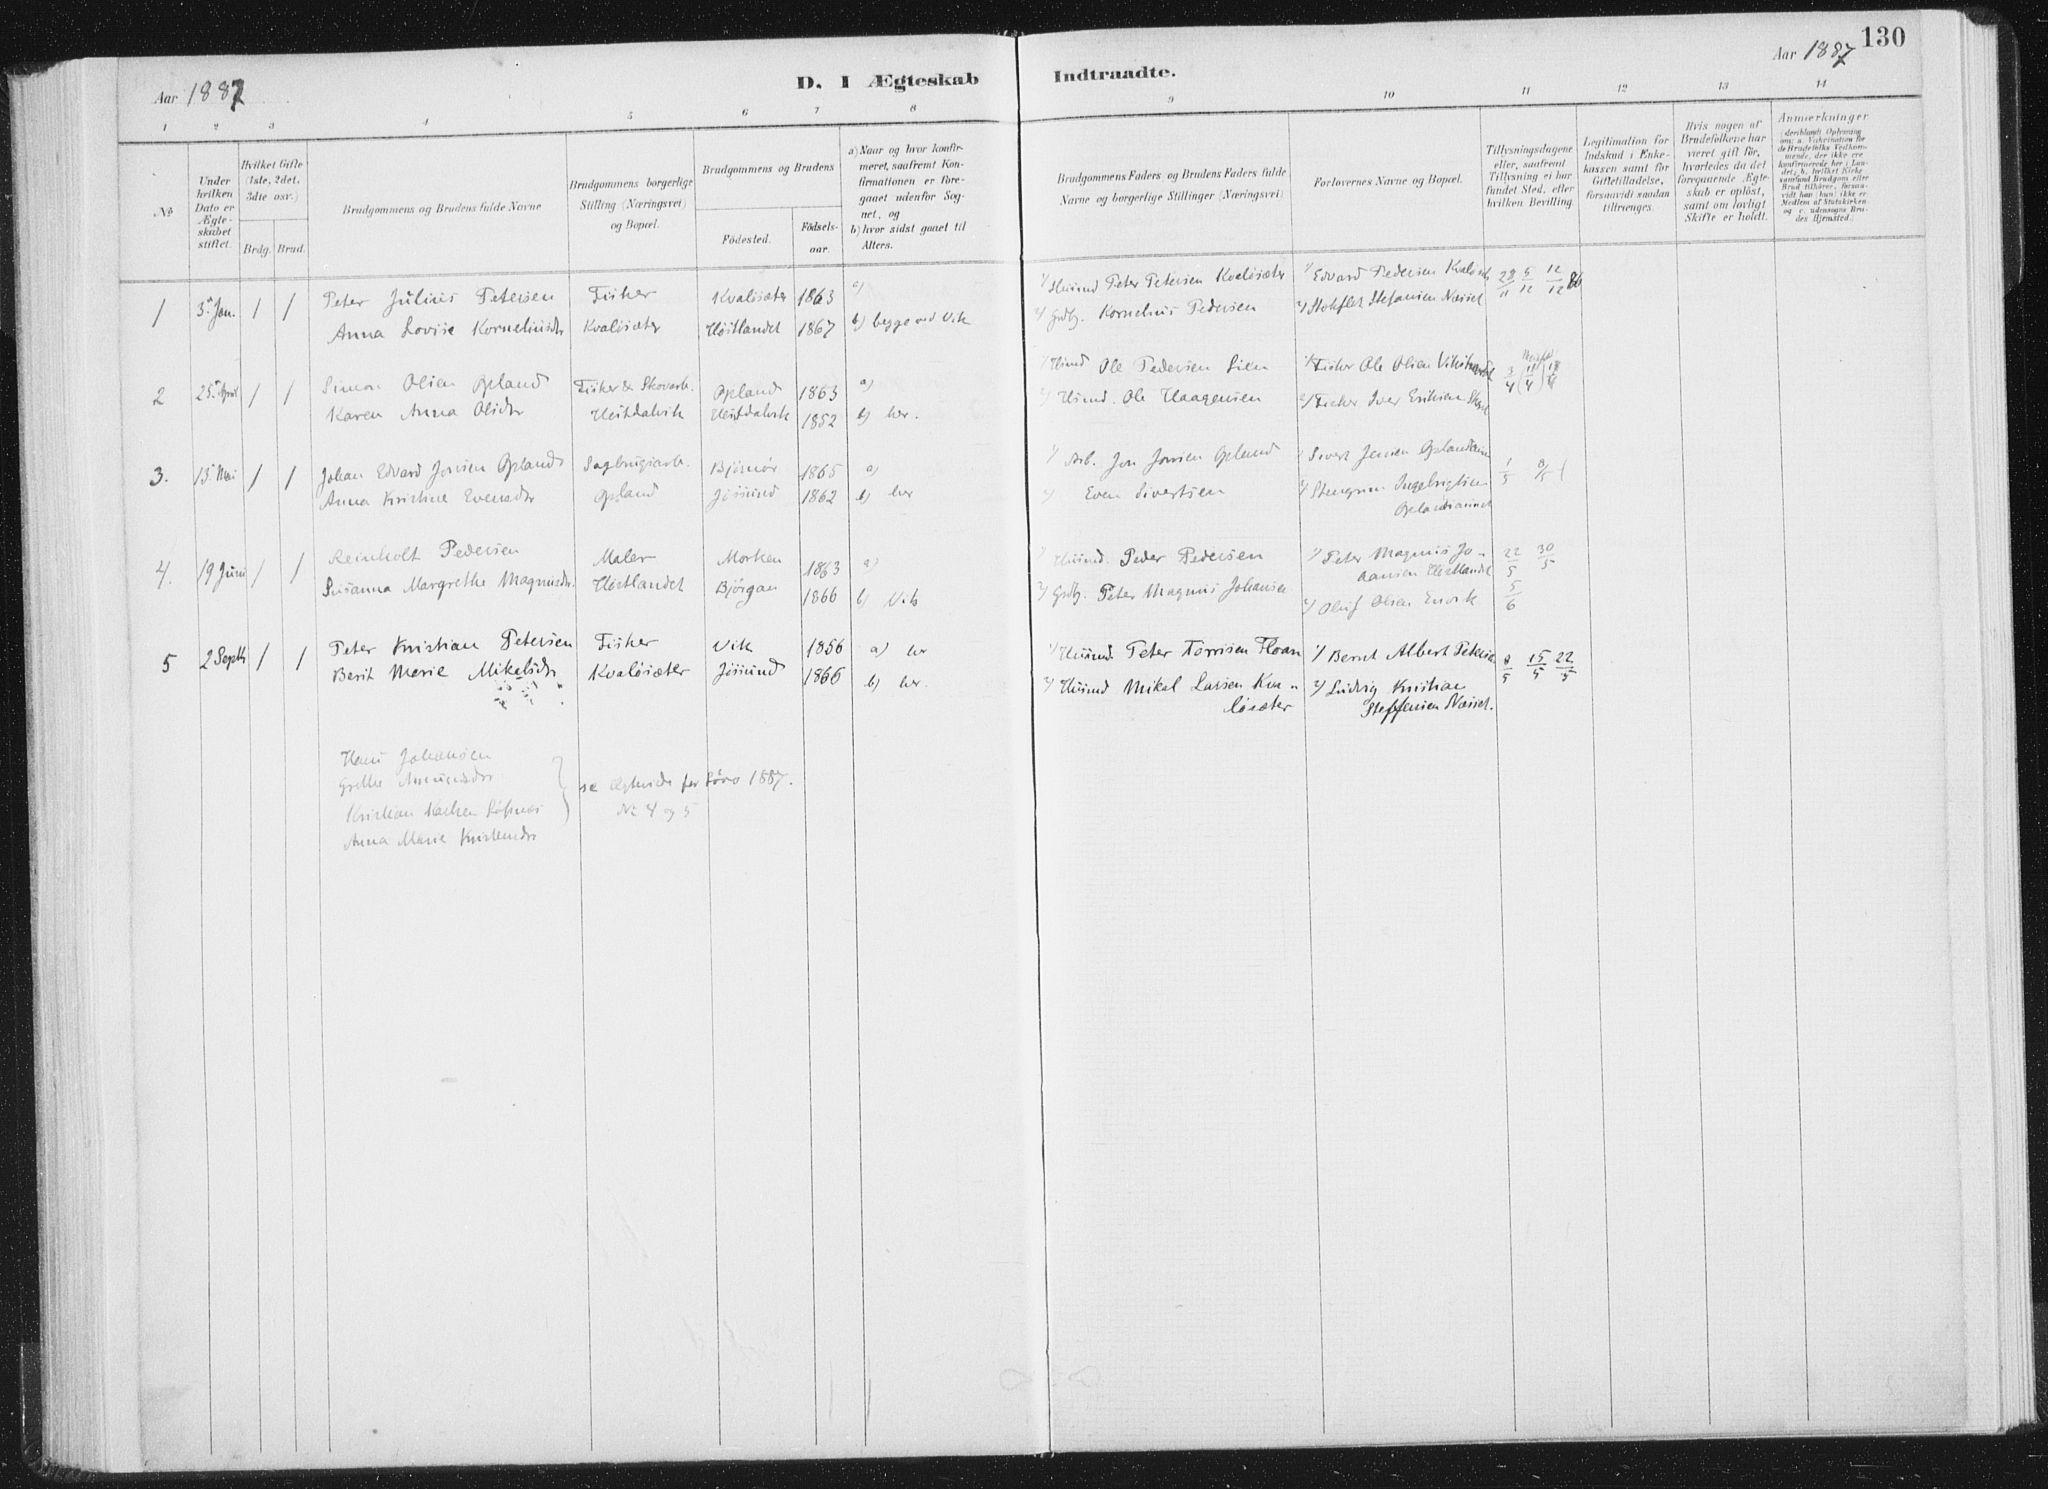 SAT, Ministerialprotokoller, klokkerbøker og fødselsregistre - Nord-Trøndelag, 771/L0597: Ministerialbok nr. 771A04, 1885-1910, s. 130